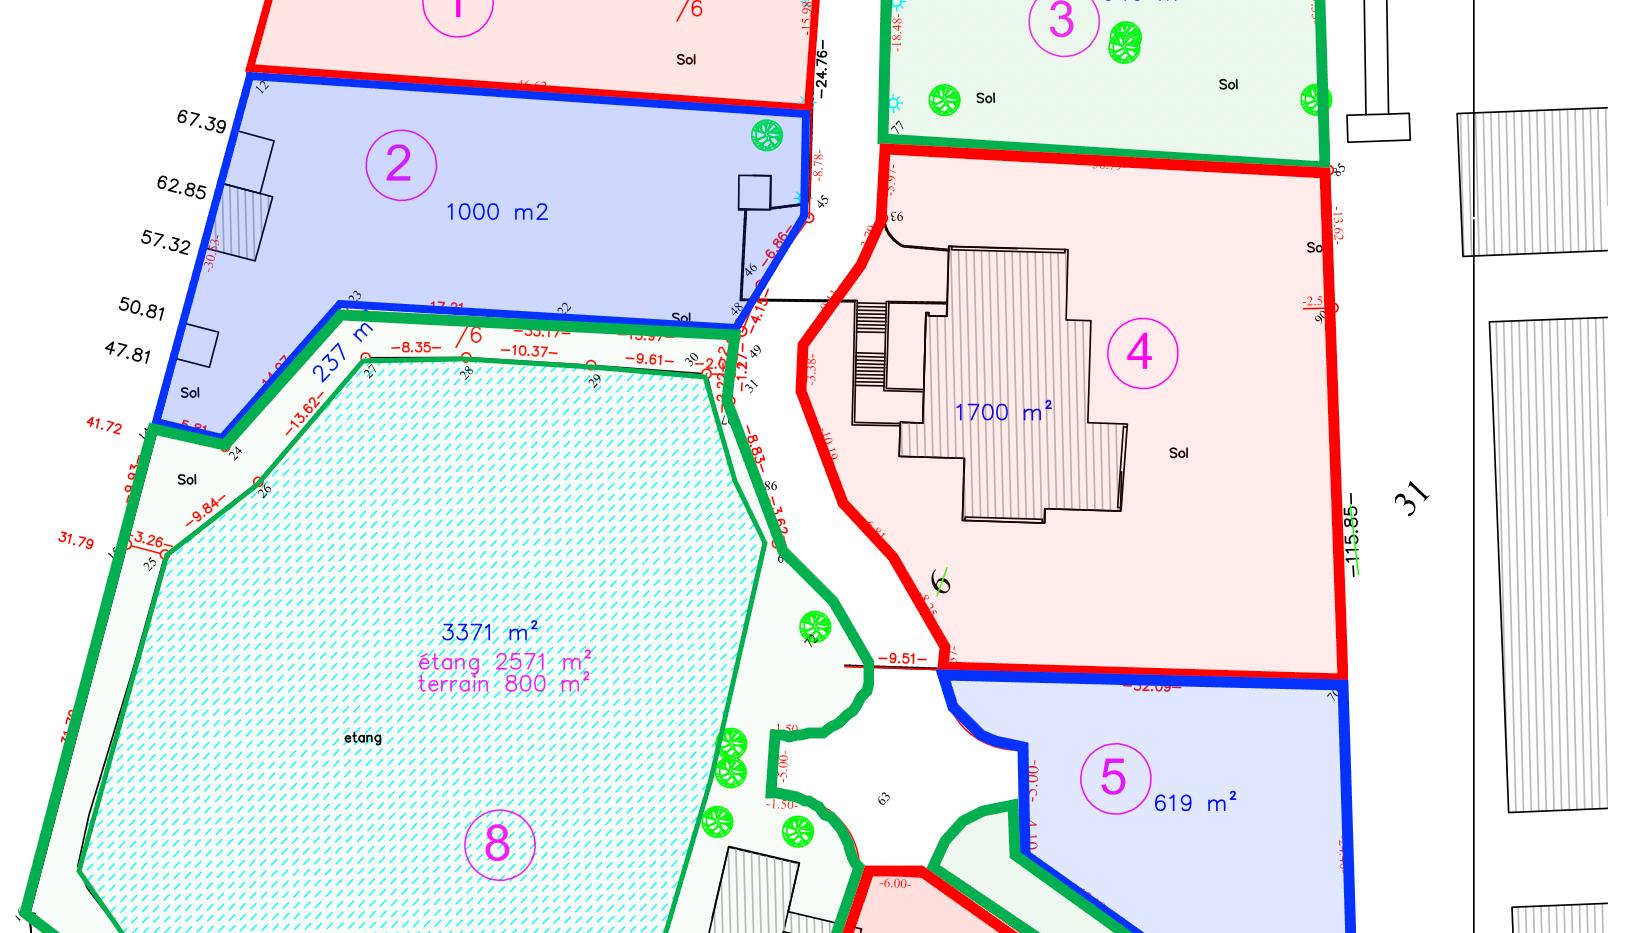 ECOPARC - 7 Lots de Terrains en zone d'activité dans un cadre de verdure exceptionnel